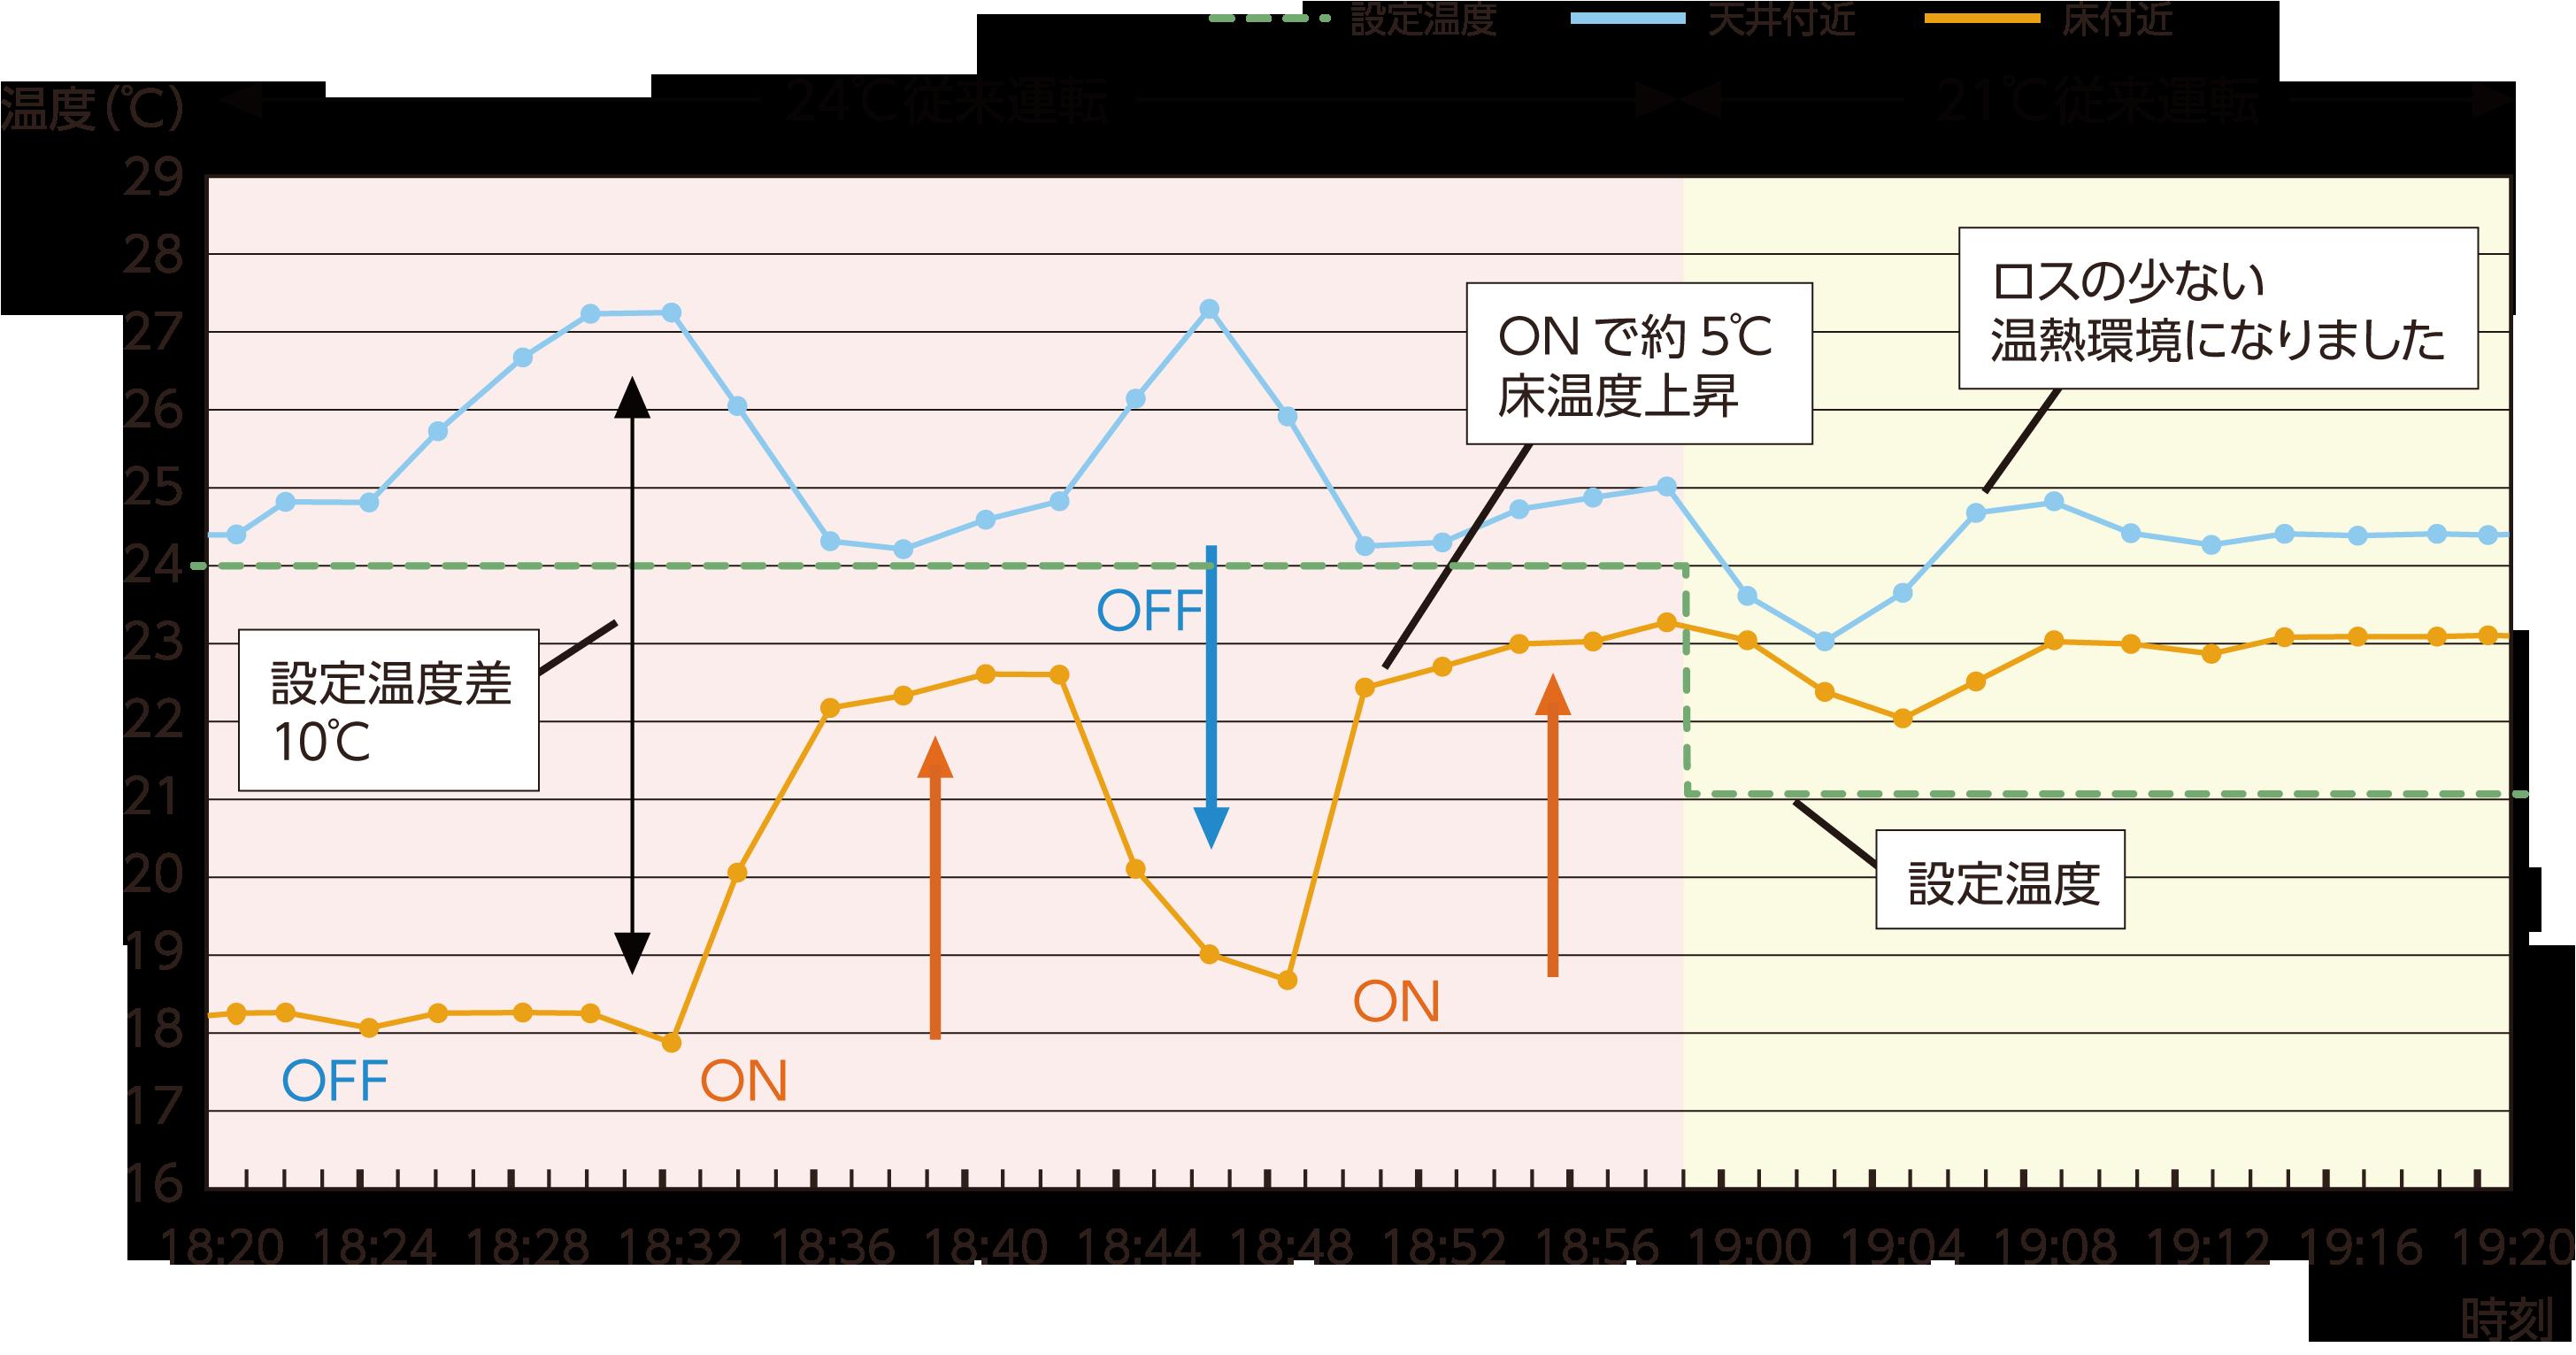 暖房使用時の温度変化図